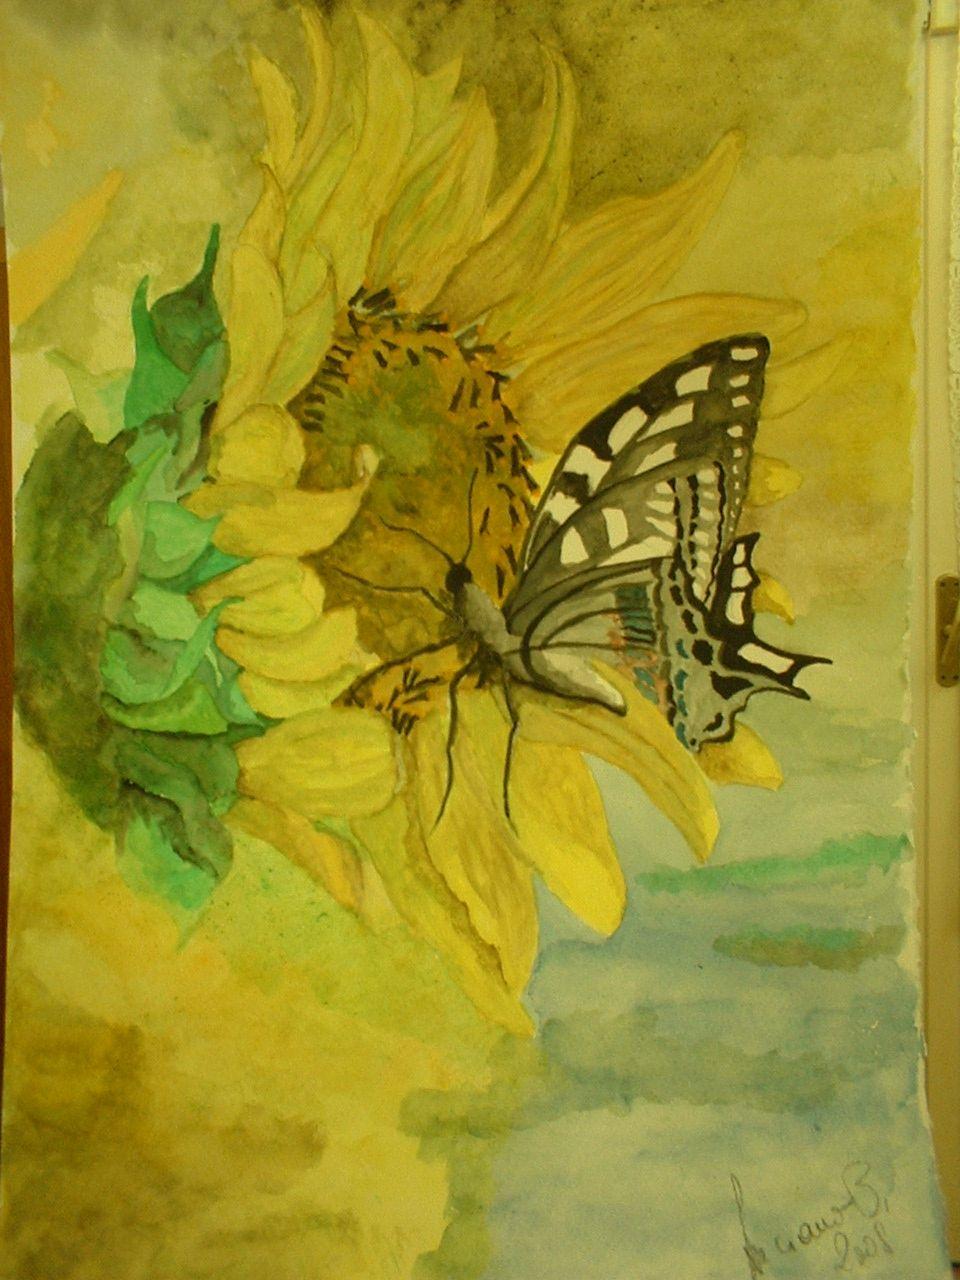 Girasole e farfalla, acquerello